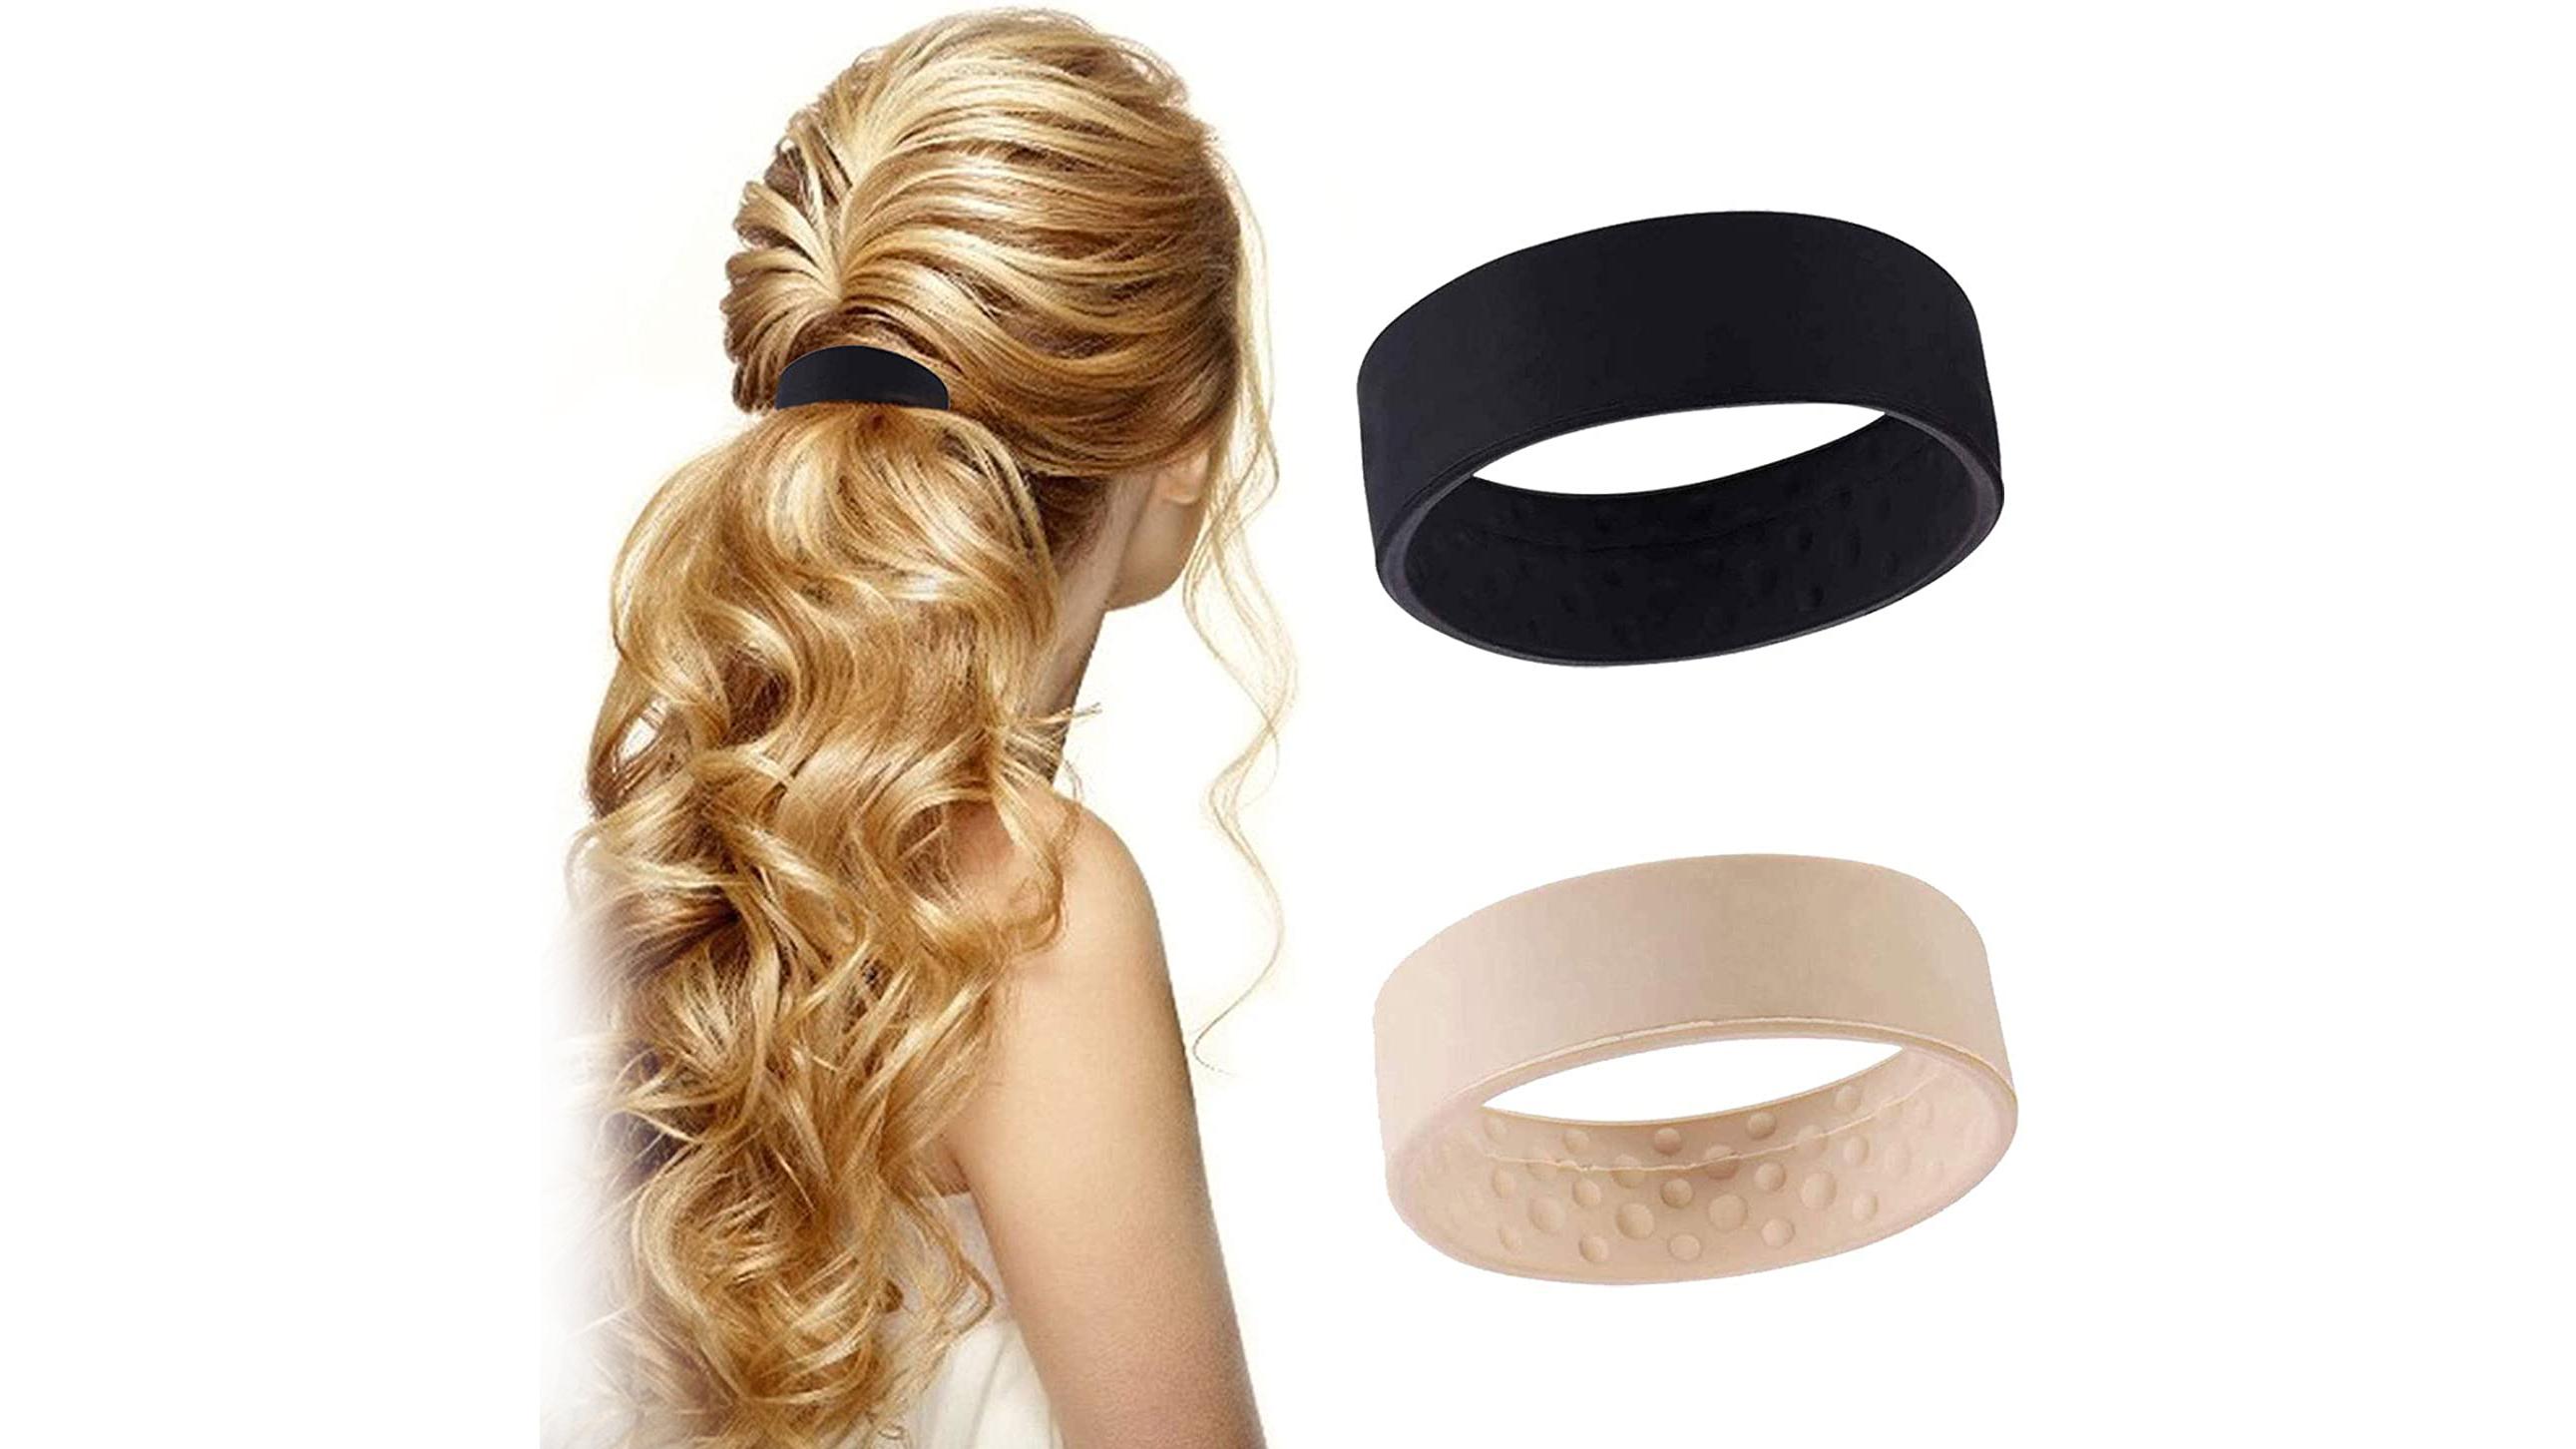 Многофункциональные прижимные аксессуары для галстуки для волос силиконовые эластичные волосы для женщин ленточные волосы веревки кольца DH-силиконовые